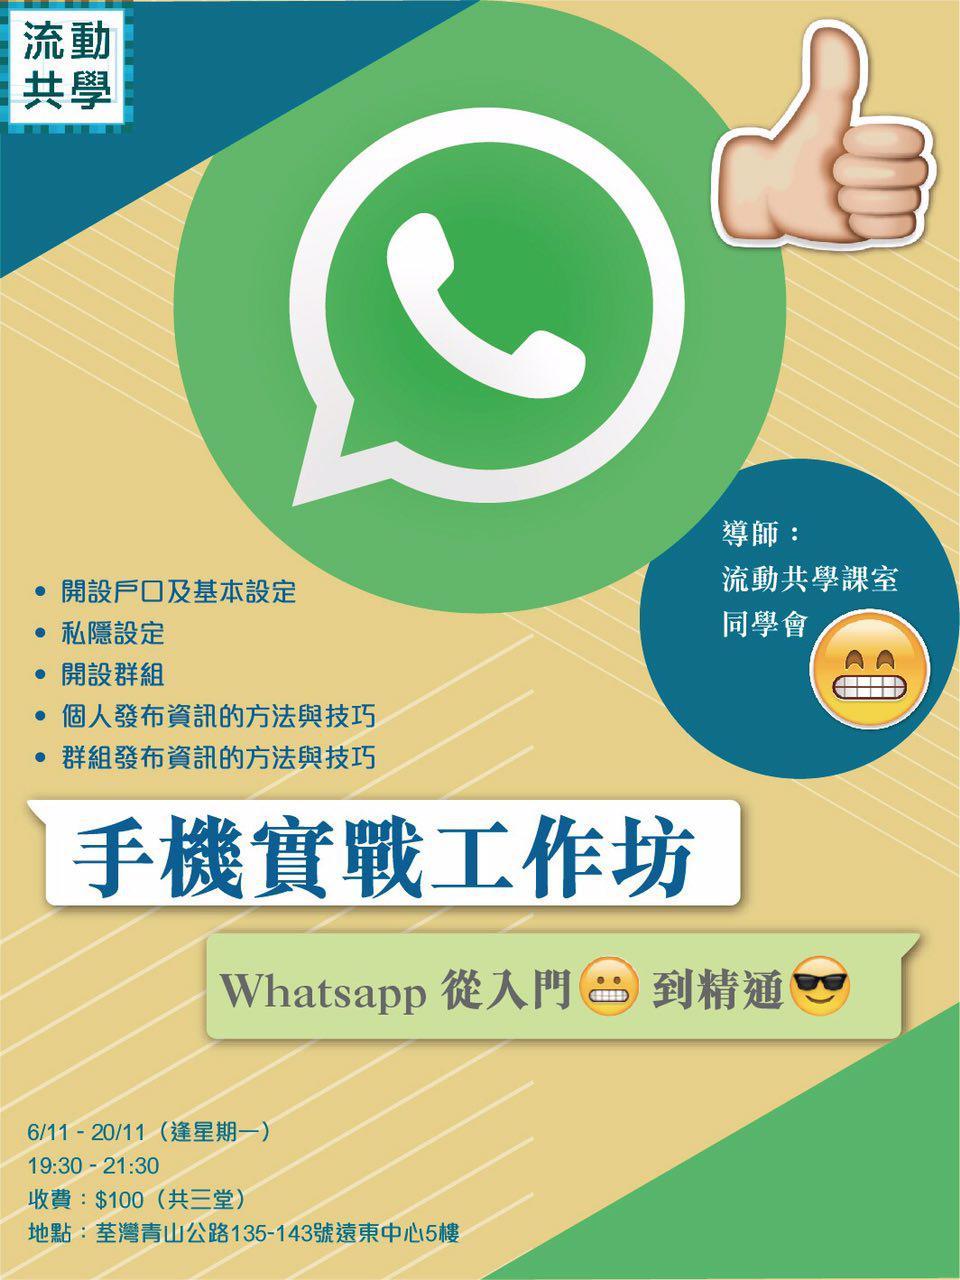 手機實戰工作坊 - Whatsapp從入門到精通